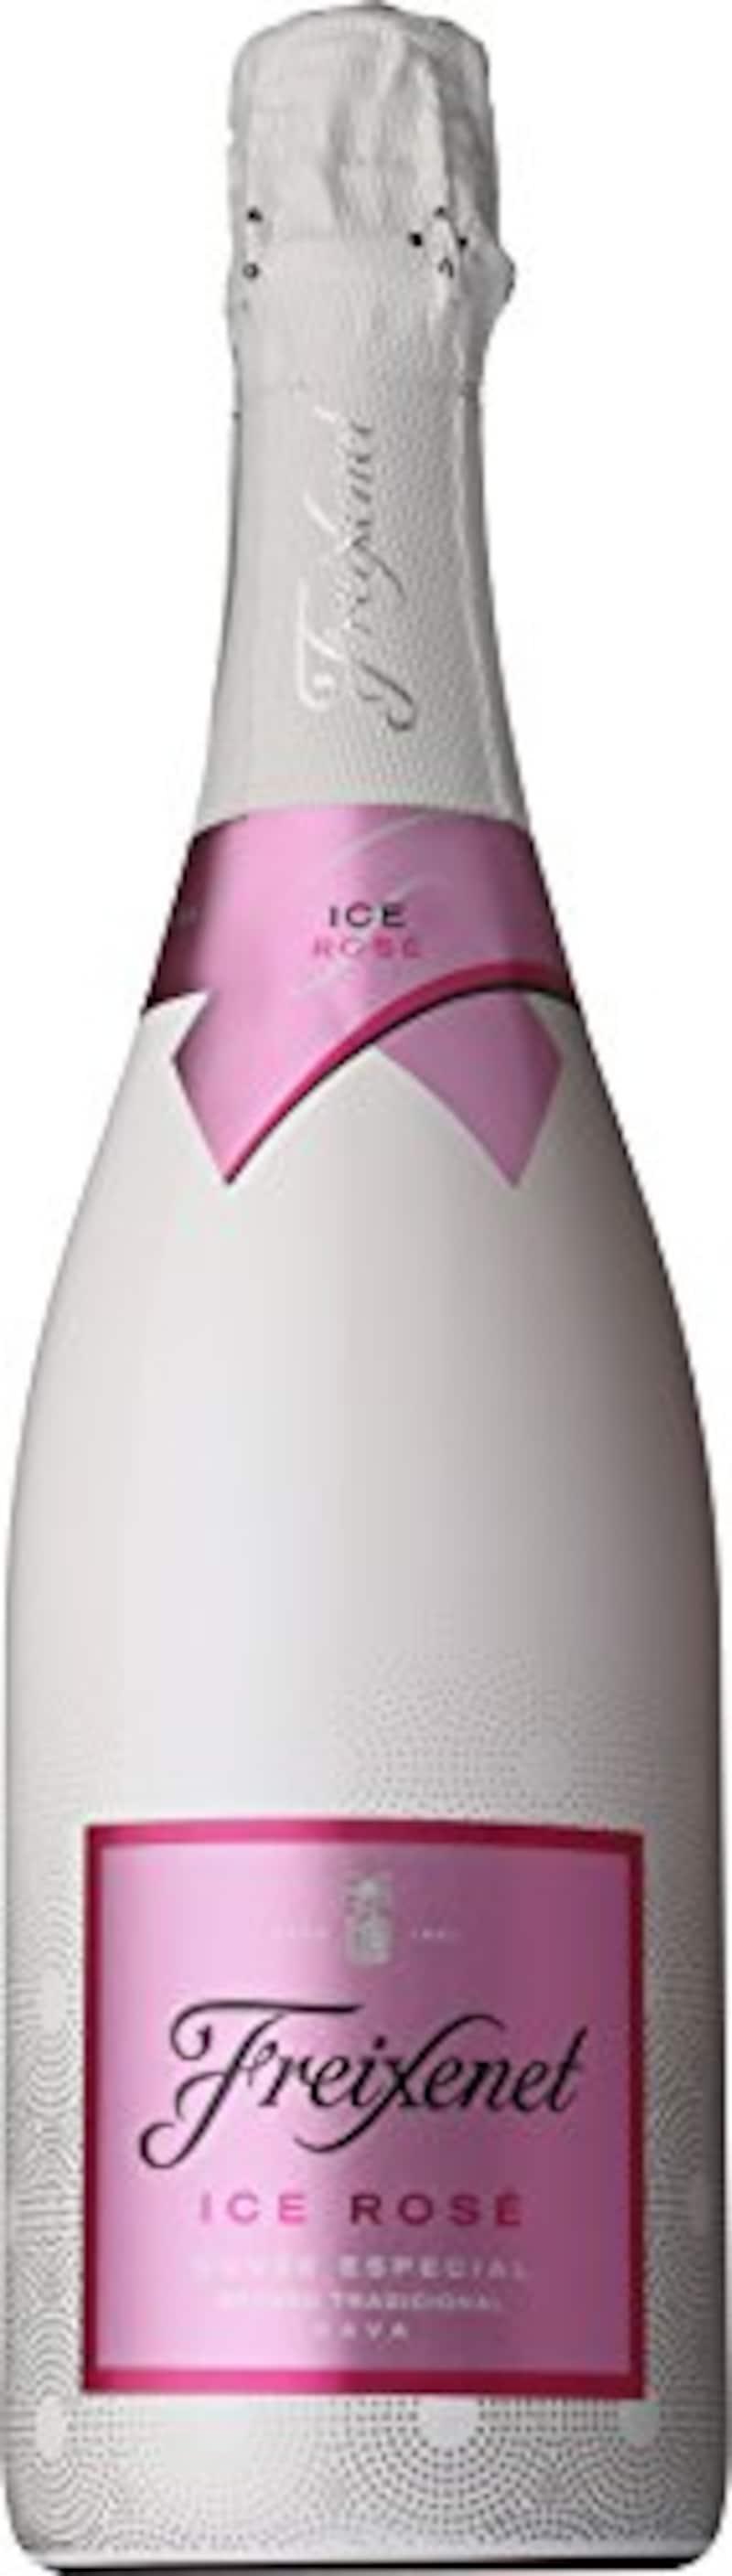 Freixenet(フレシネ),アイス ロゼ キュベ エスペシアル